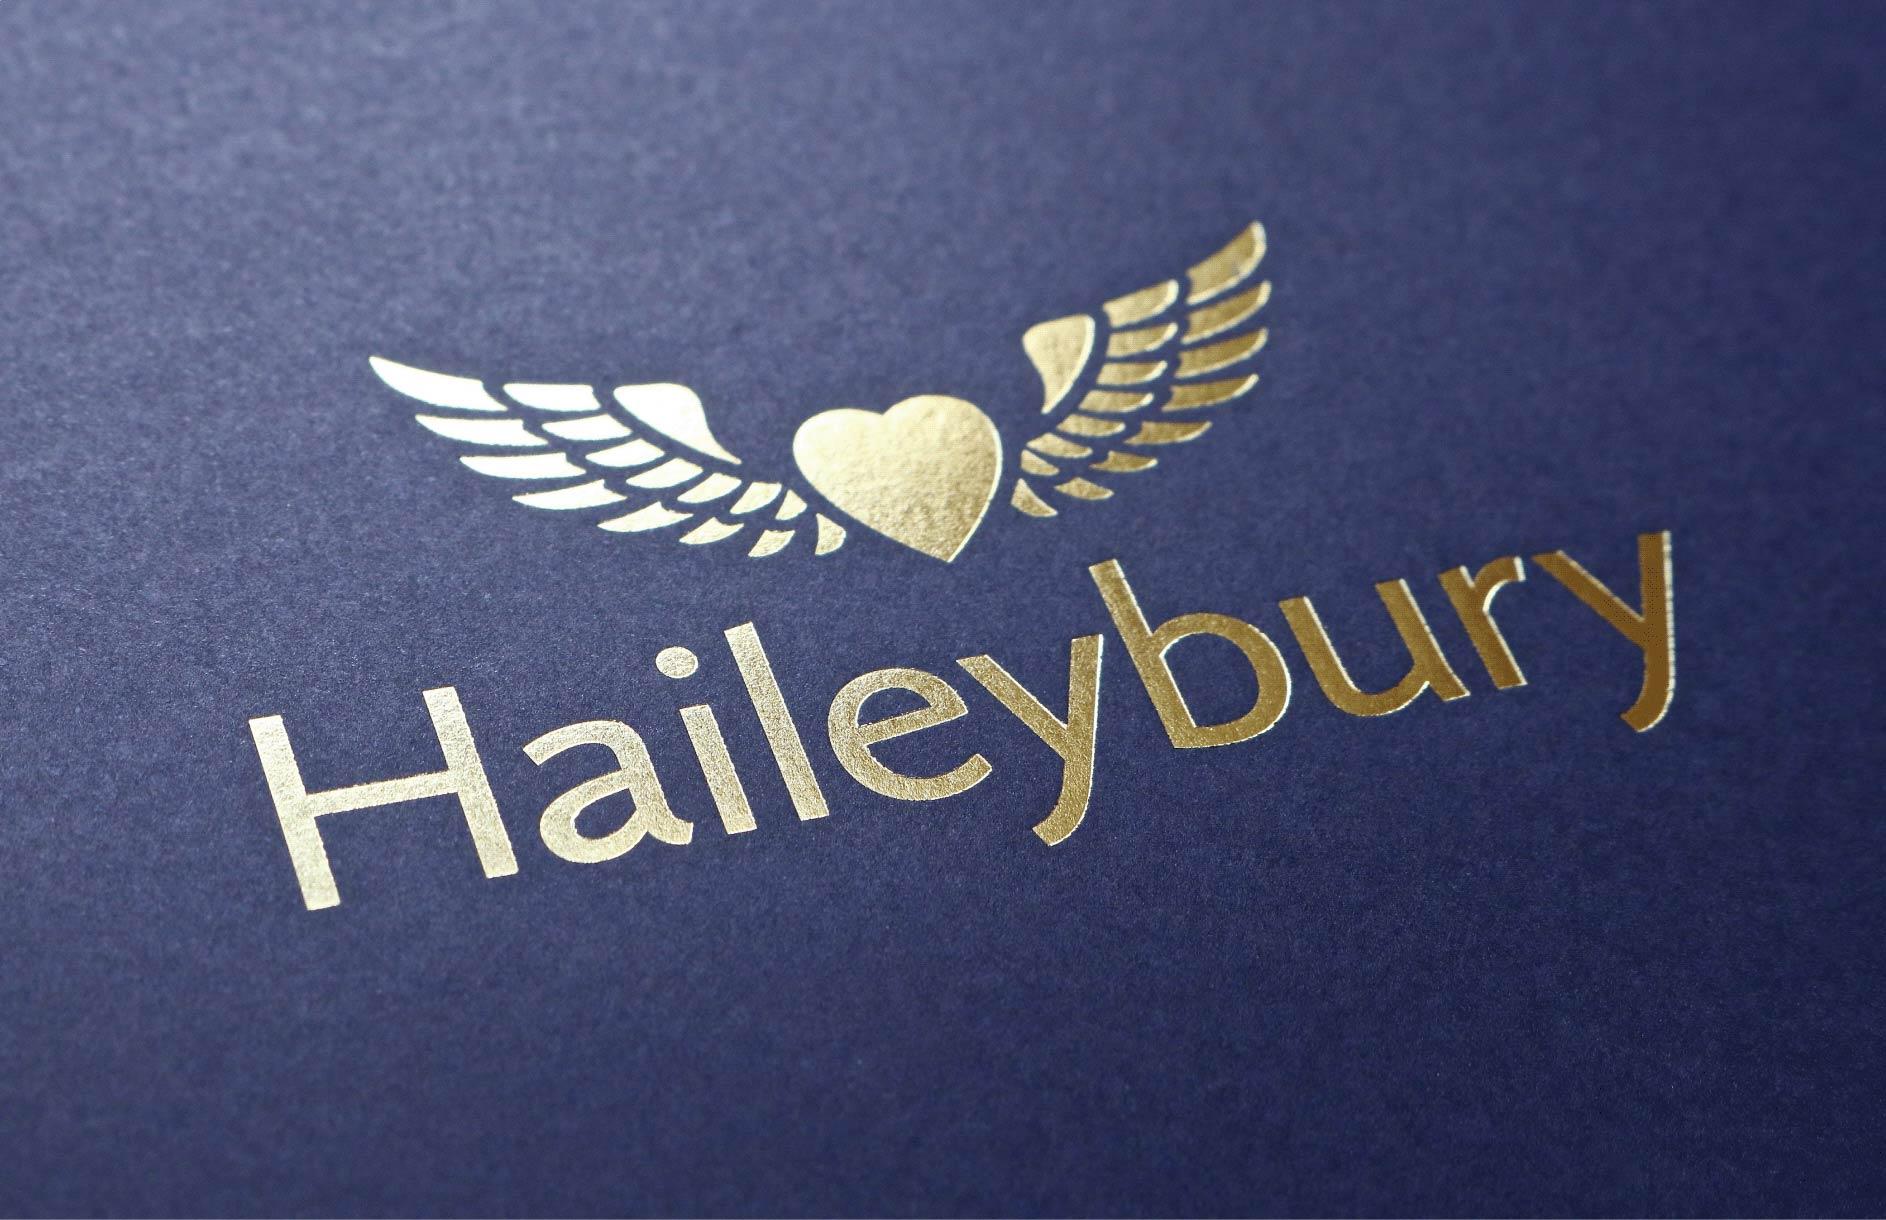 Haileybury / Haileybury Prospectus